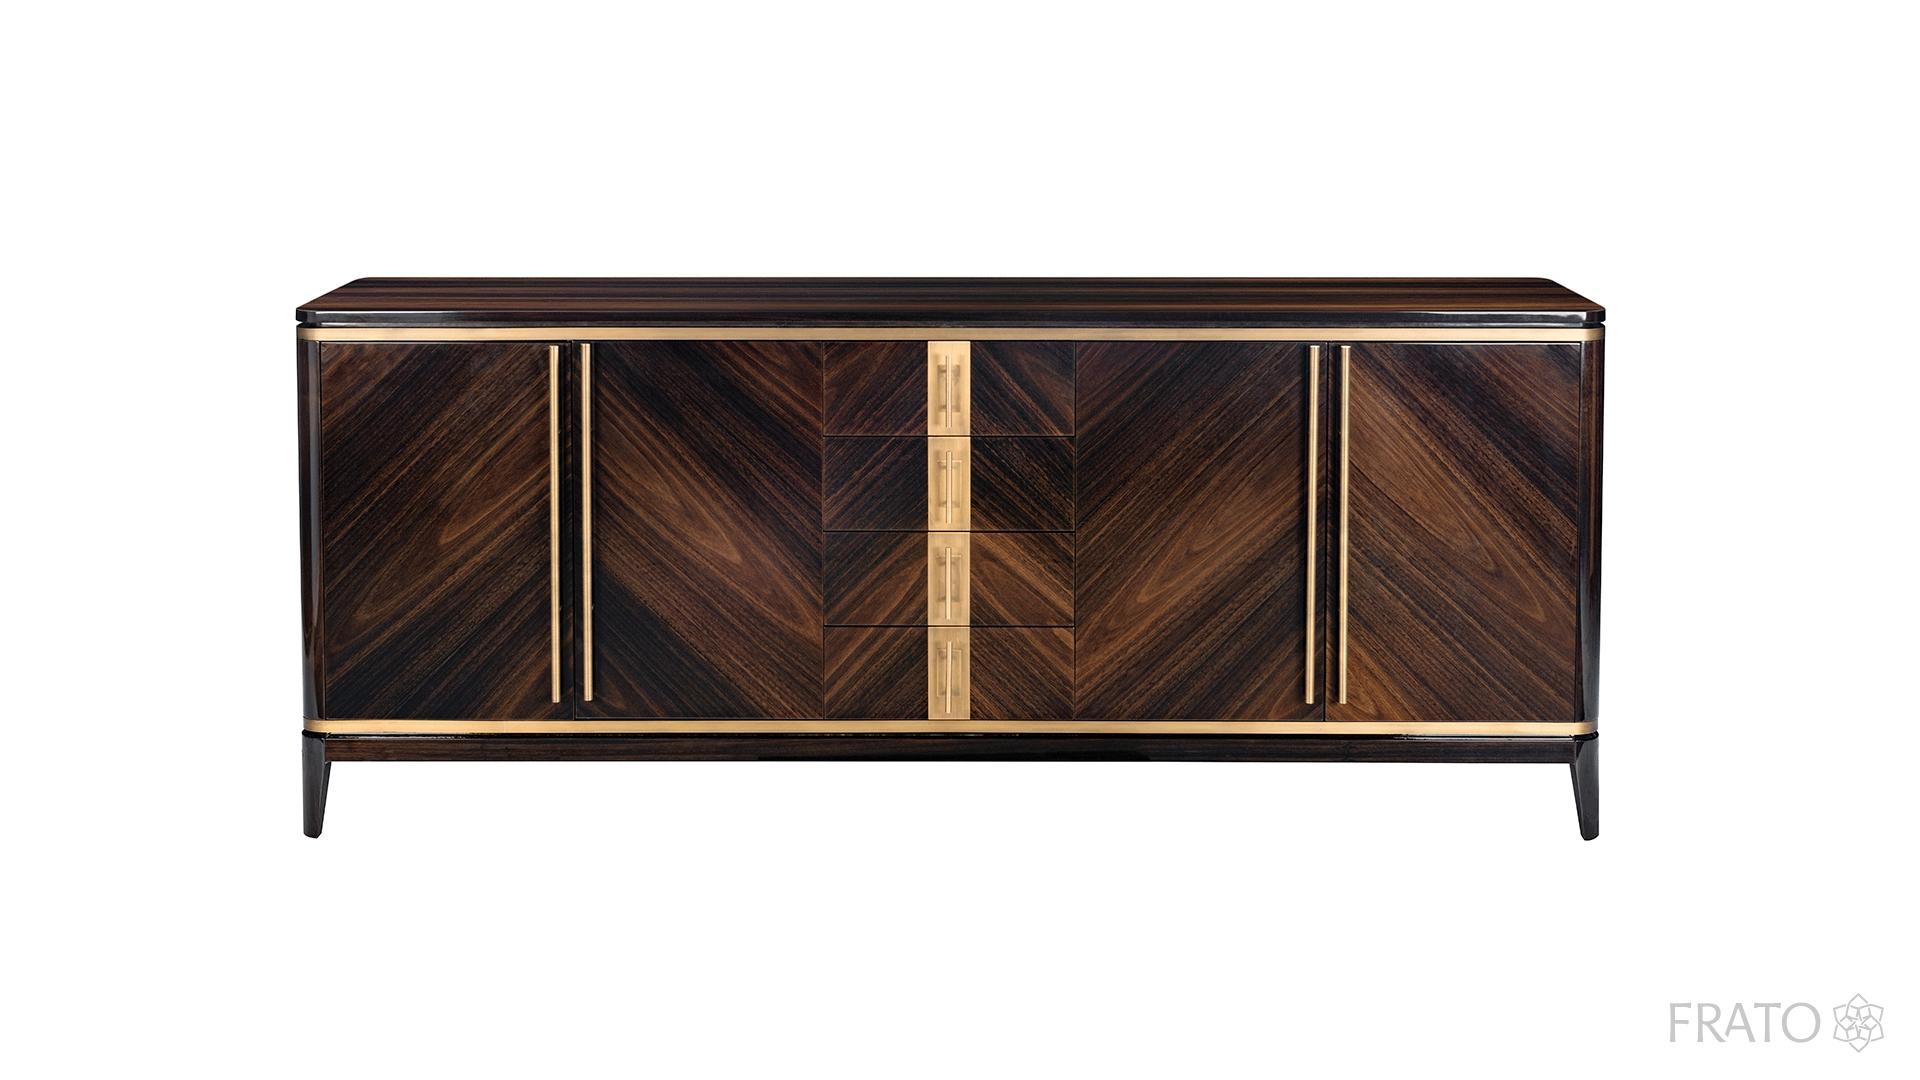 Siena | Shelves | Pinterest | Furniture, Sideboard And Cabinet inside Rani 4 Door Sideboards (Image 28 of 30)